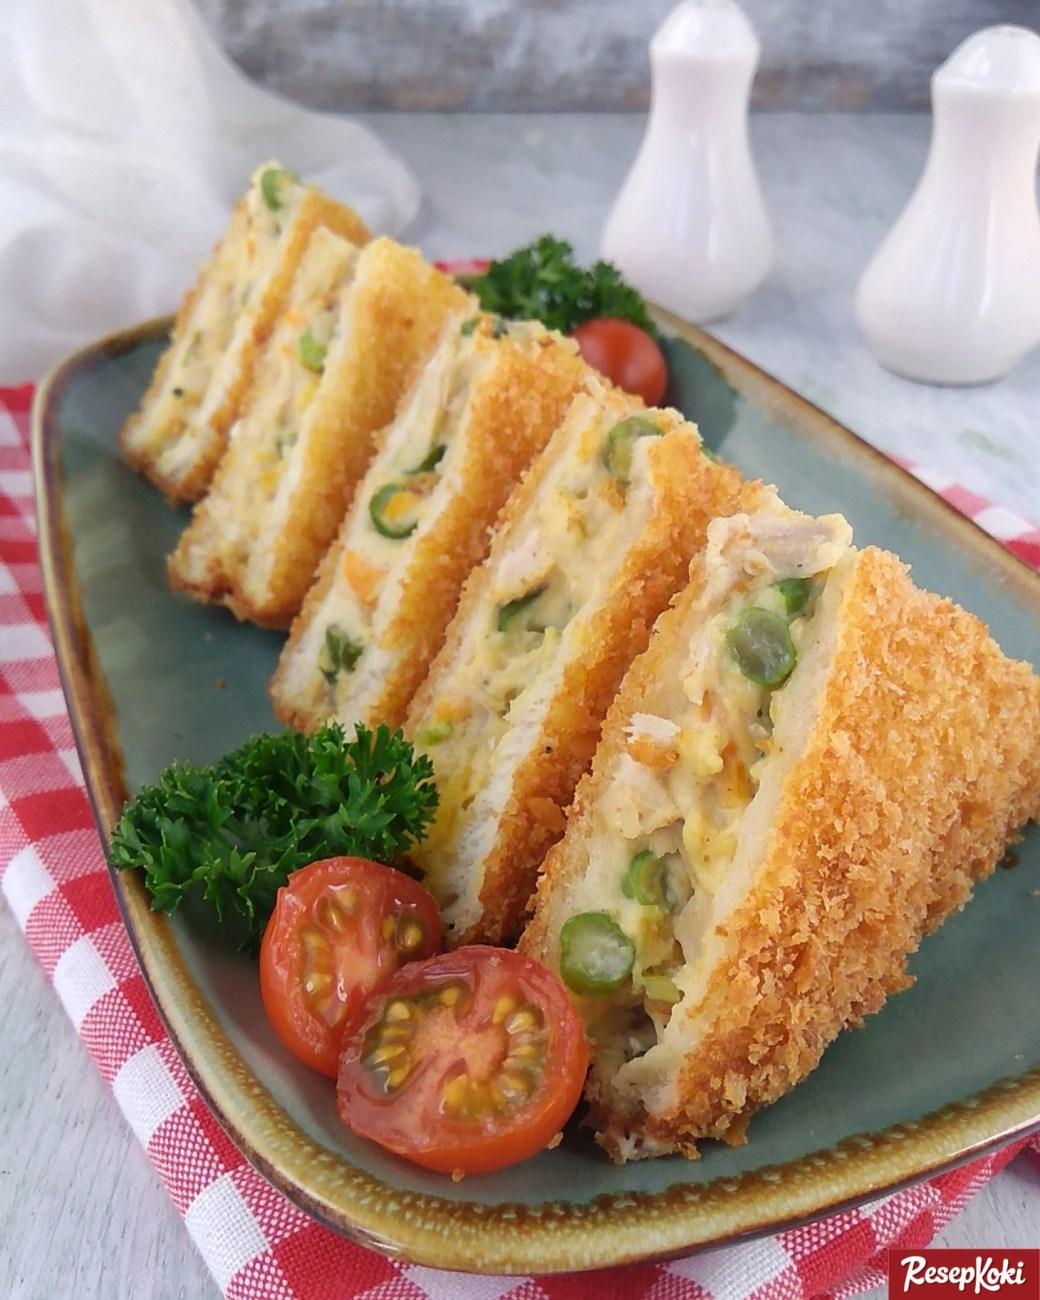 Roti Tawar Isi : tawar, Tawar, Goreng, Ragout, Krispi, Mudah, Dibuat, Resep, ResepKoki